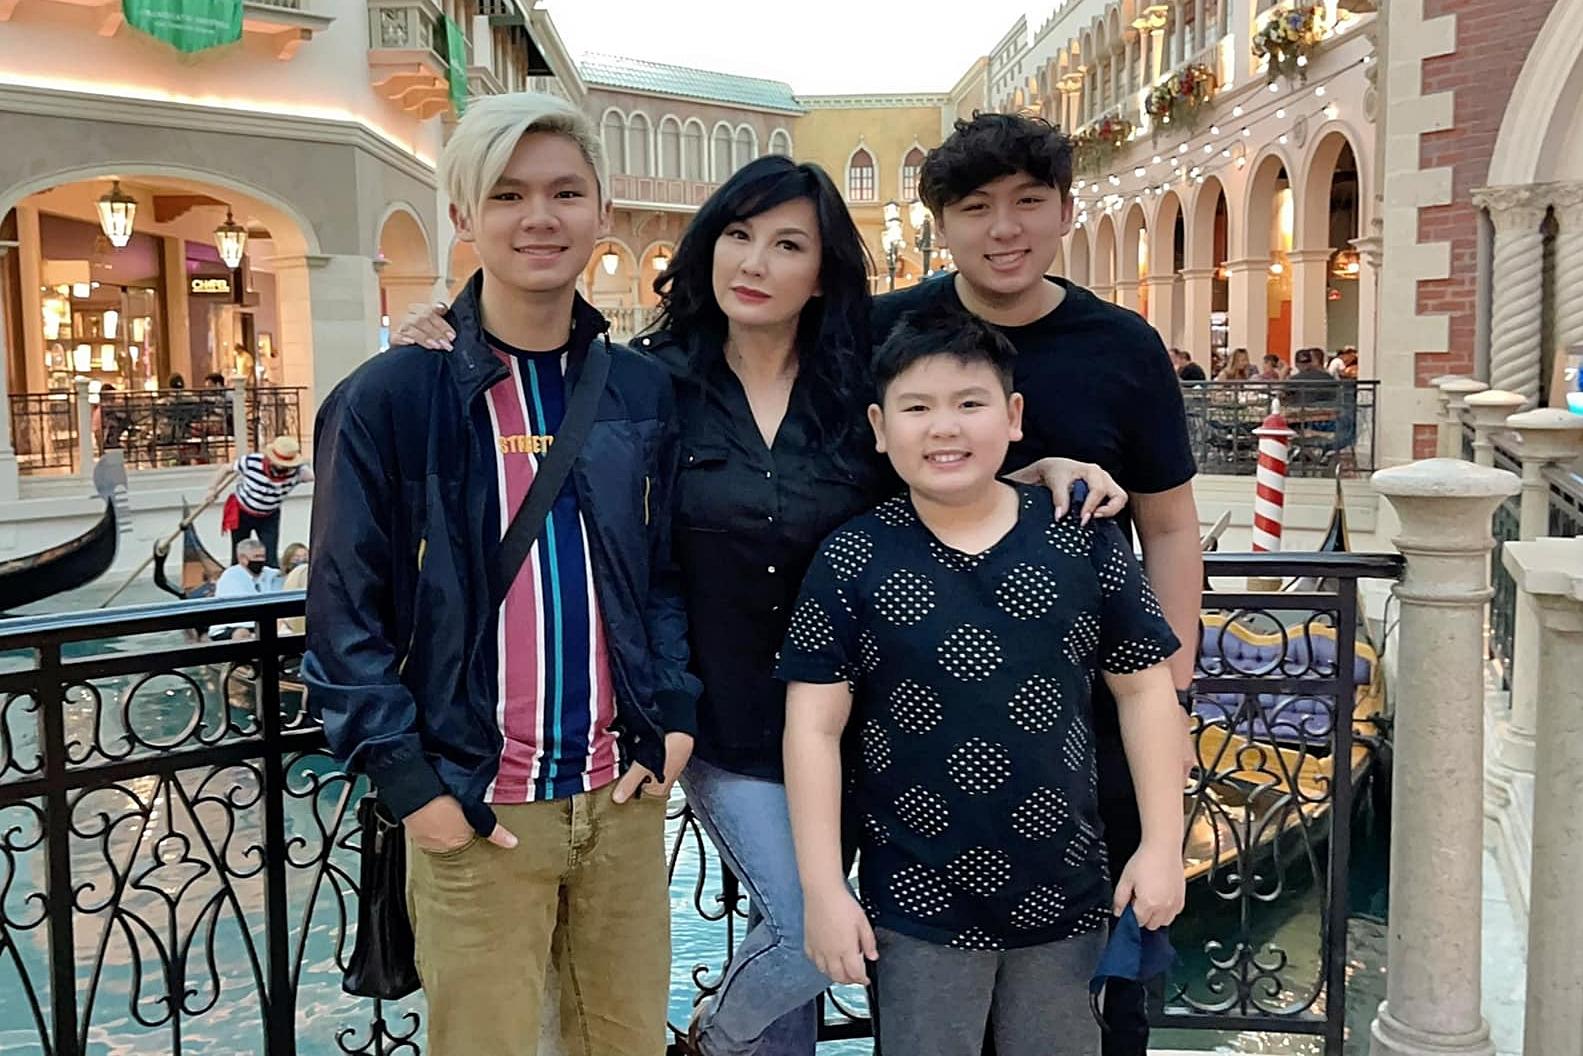 Colin (phải) - con trai thứ hai của Bằng Kiều sinh năm 2006 và đang học cấp 3. Trizzie Phương Trinh từng chia sẻ, Colin đang ở tuổi thích lý sự nên bố mẹ phải giải thích cặn kẽ mới nghe.